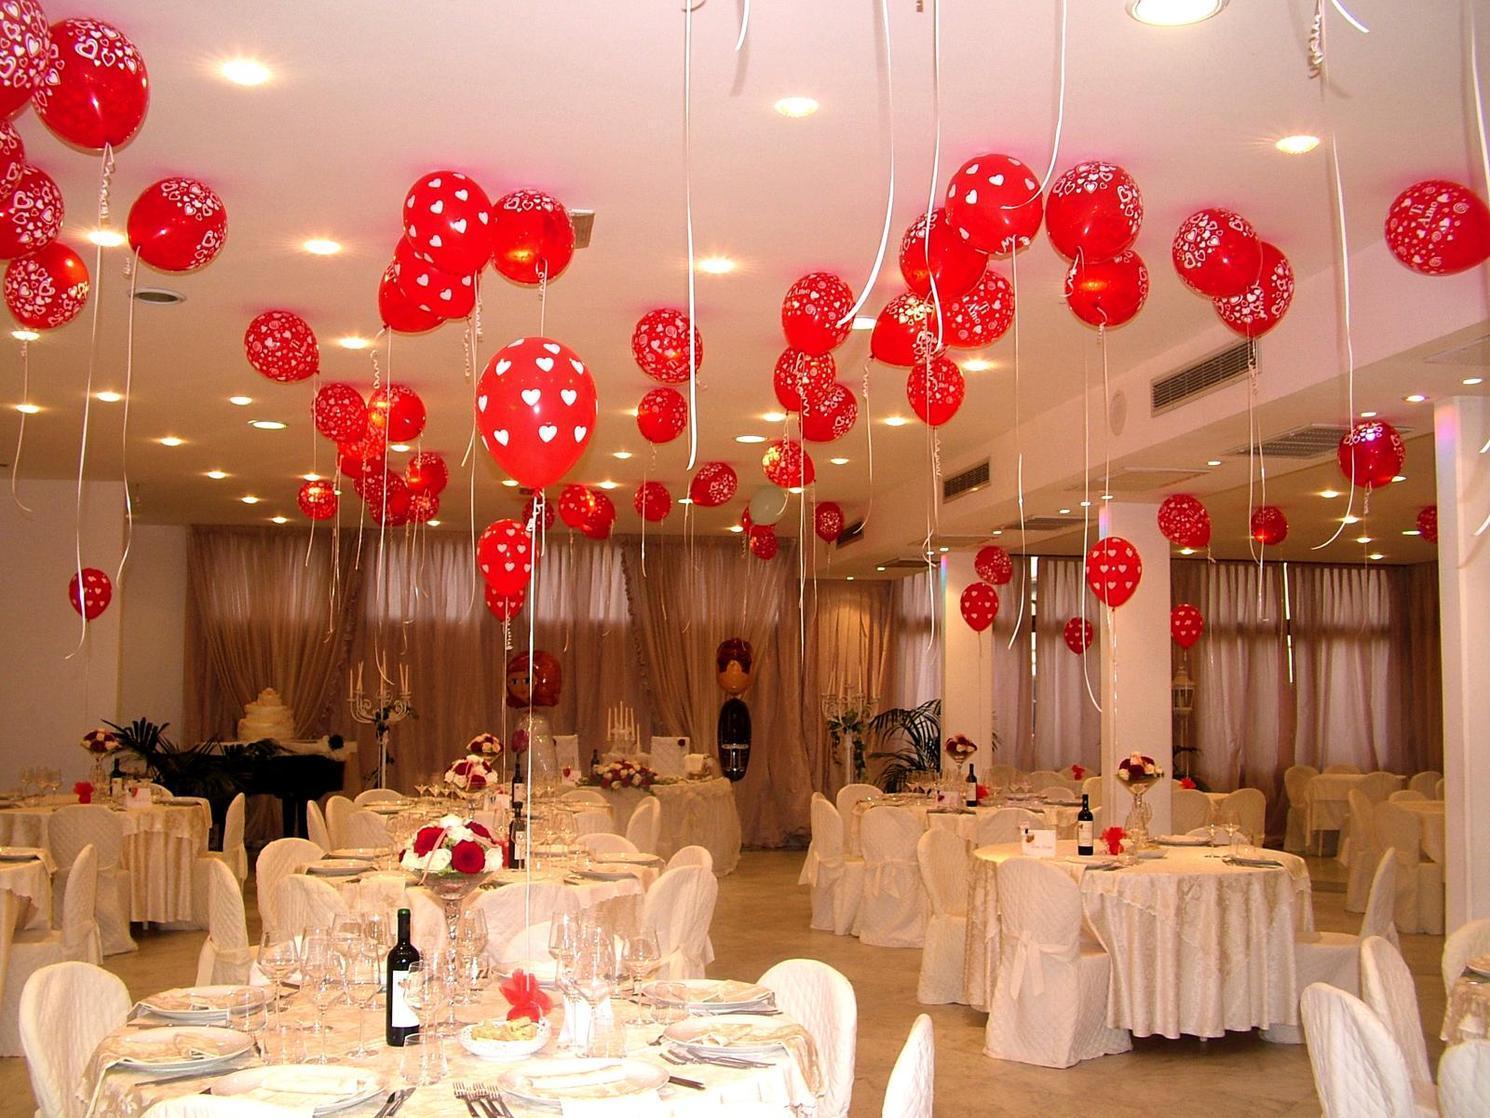 Ristorante per cerimonie in versilia a pietrasanta - Decorazioni per matrimonio ...